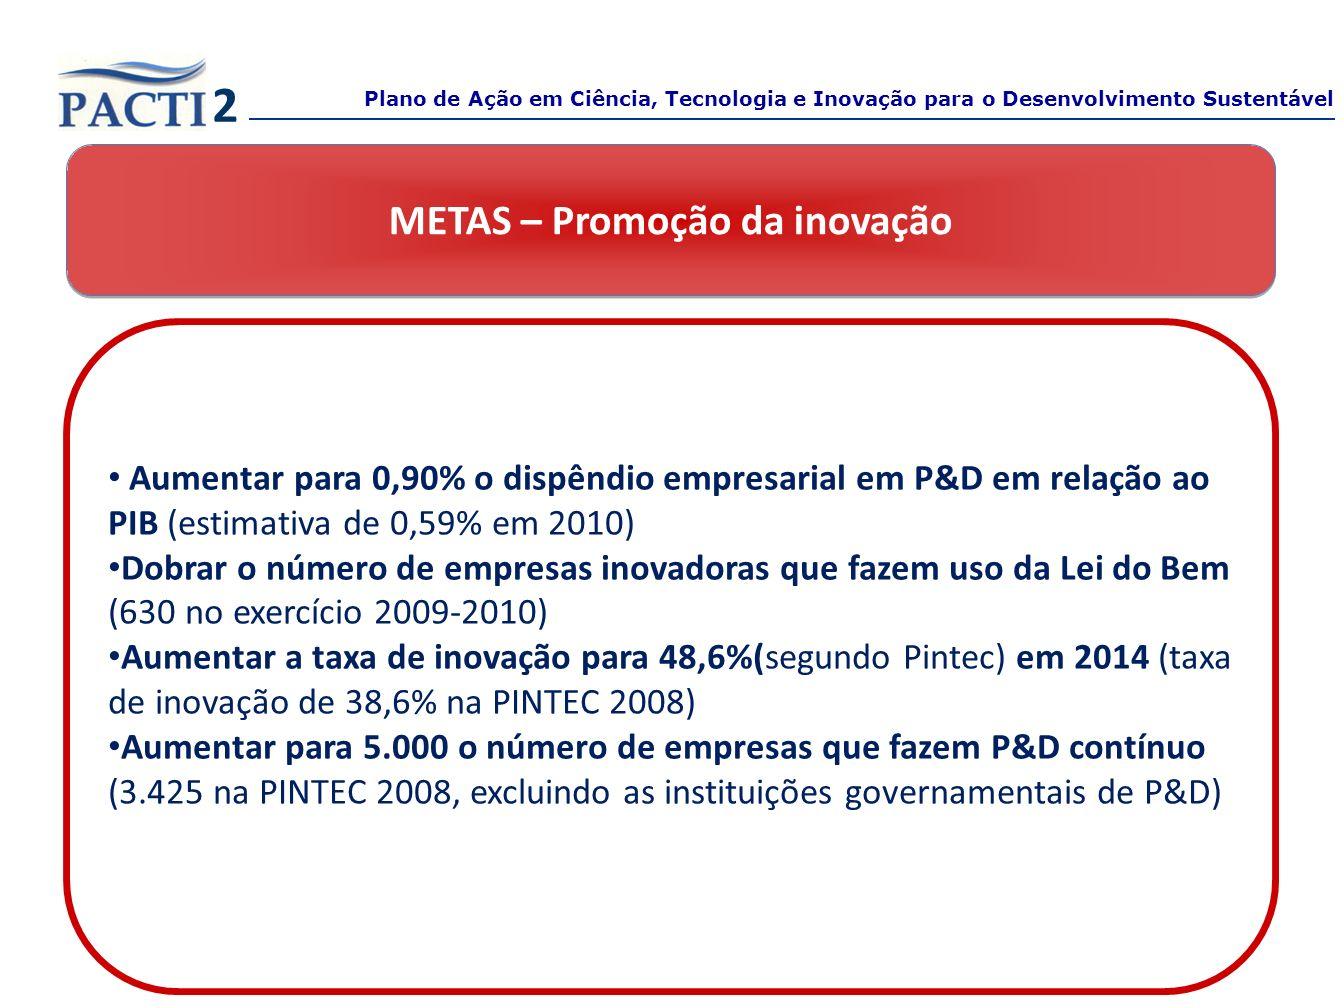 METAS – Promoção da inovação